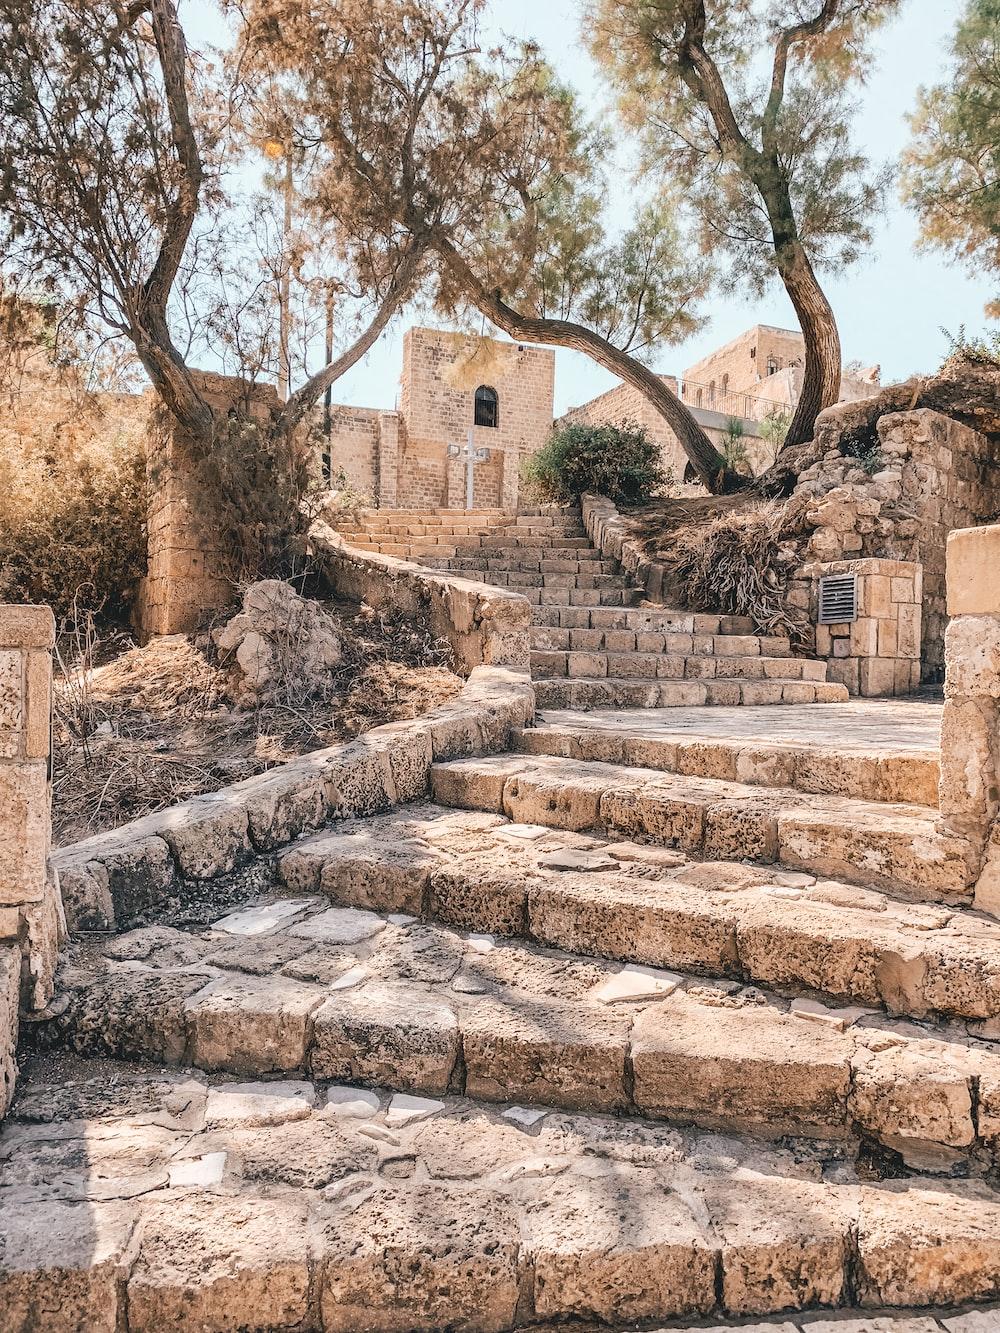 brown stones stairsteps